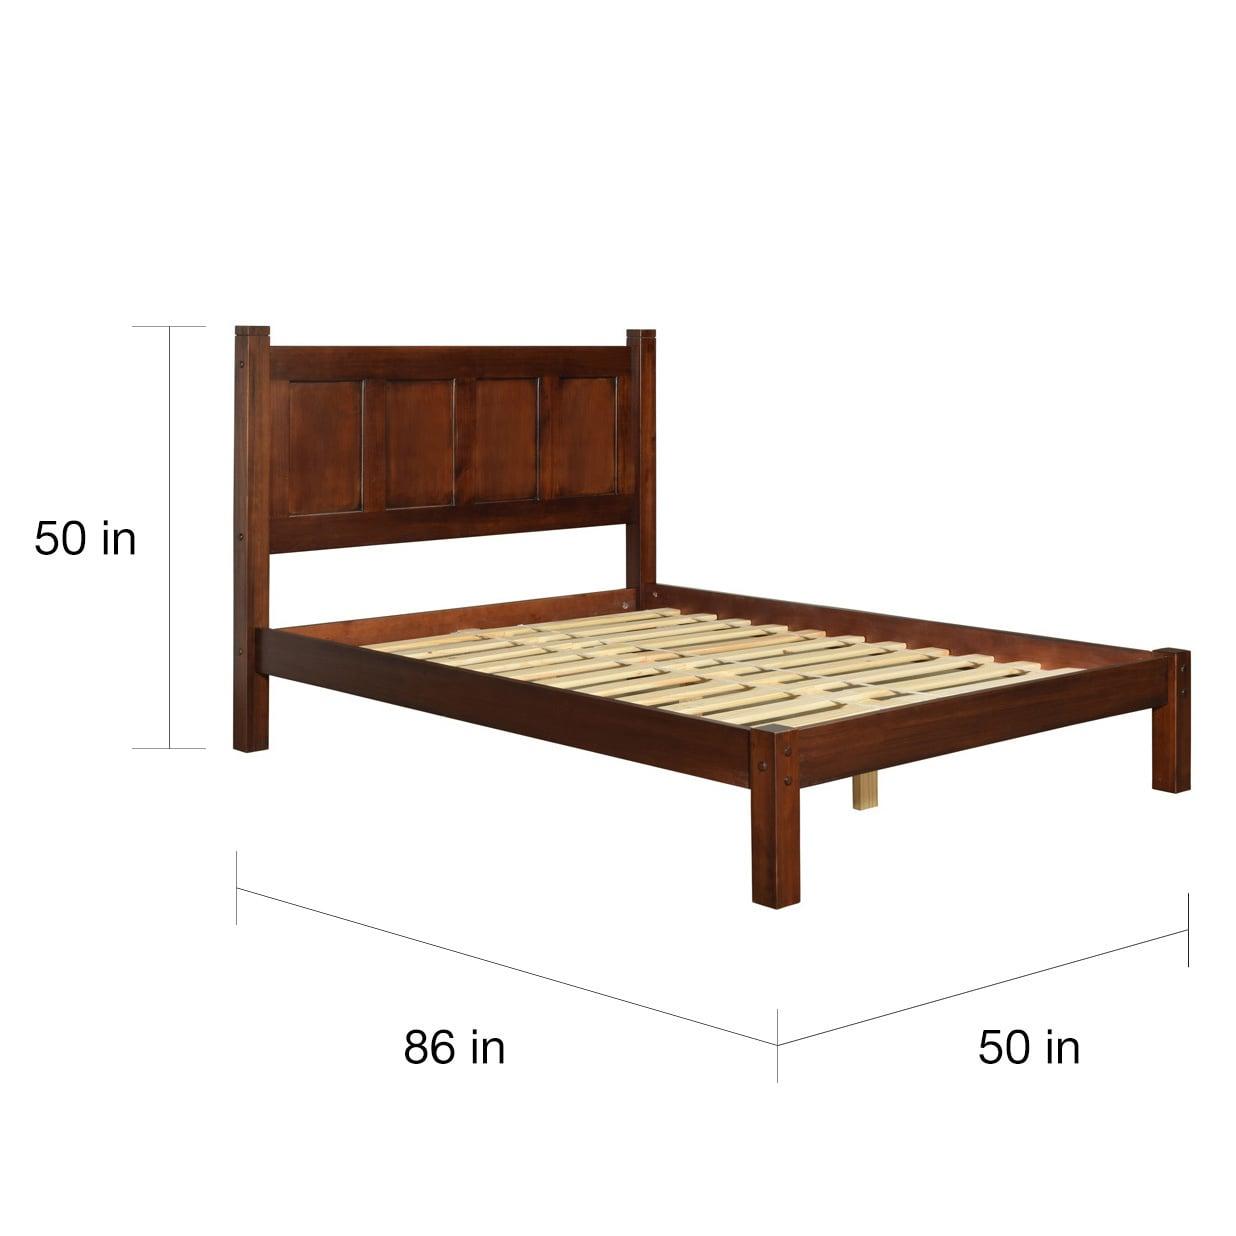 Shop Grain Wood Furniture Shaker Panel Queen Solid Wood Platform Bed ...